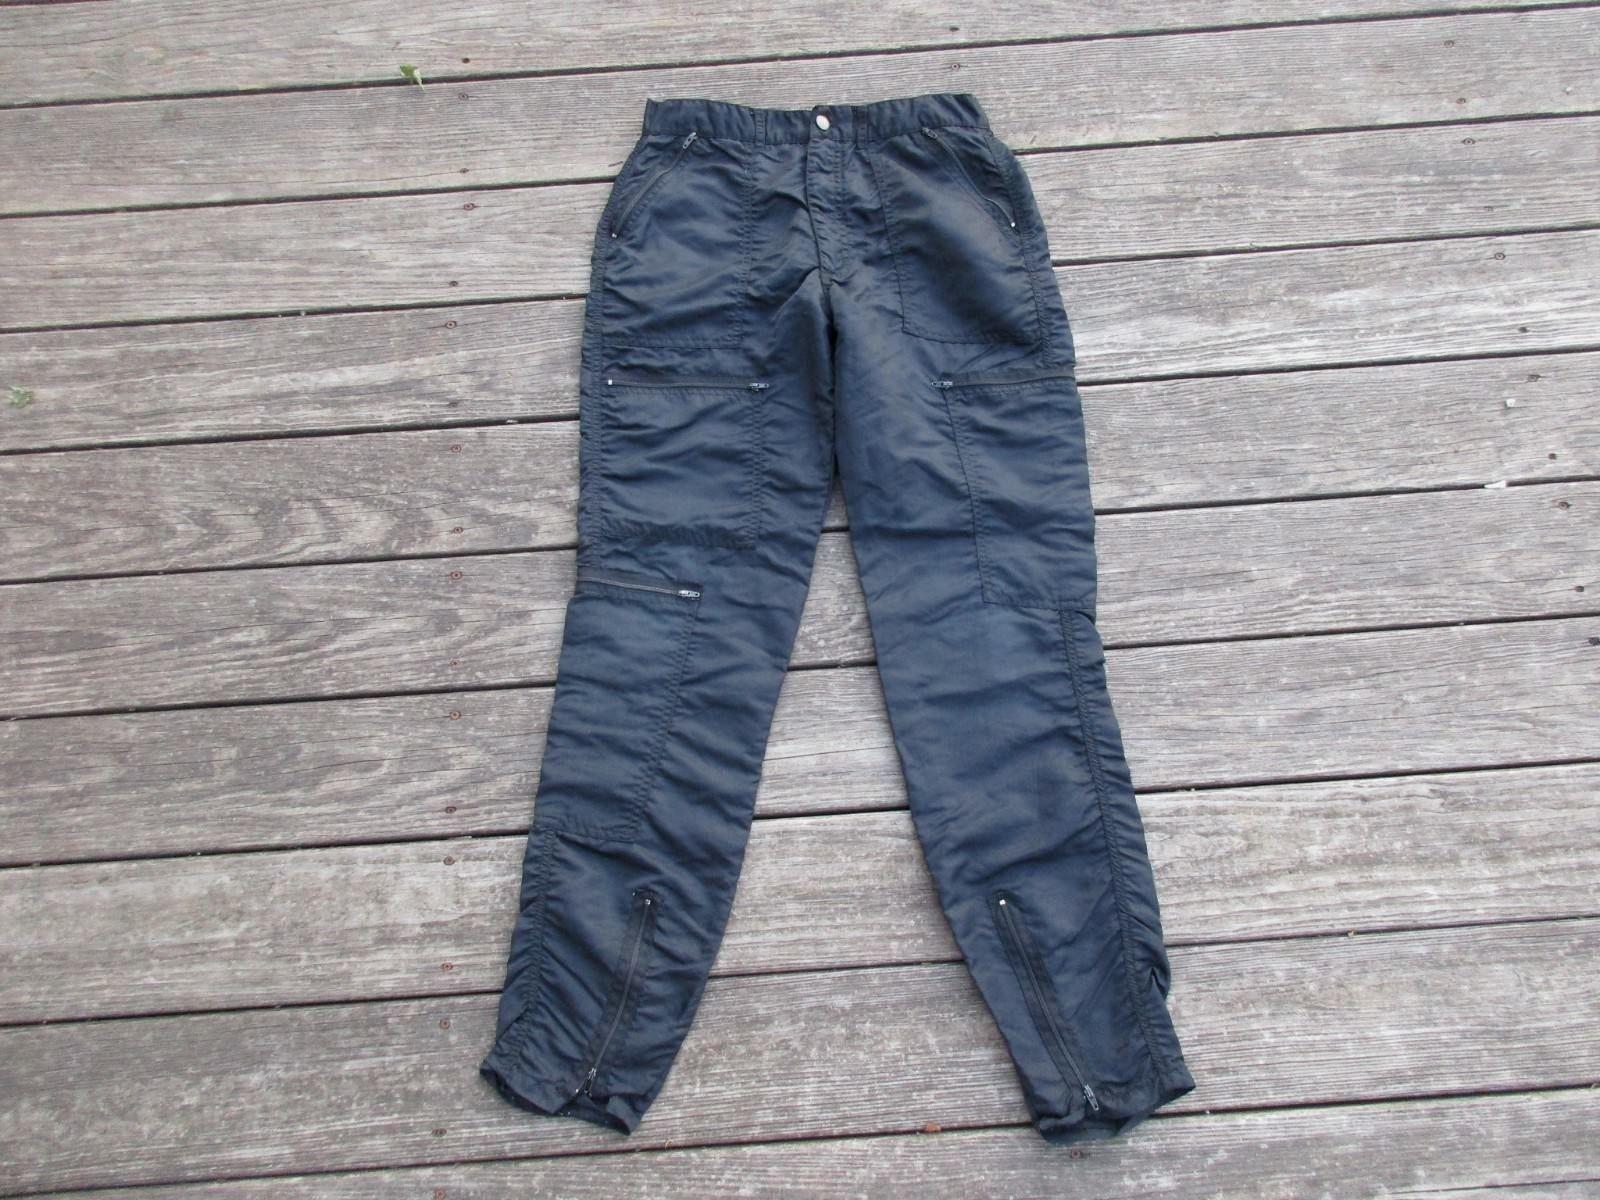 vintage 80 s black parachute pants bugle boy countdown wet look